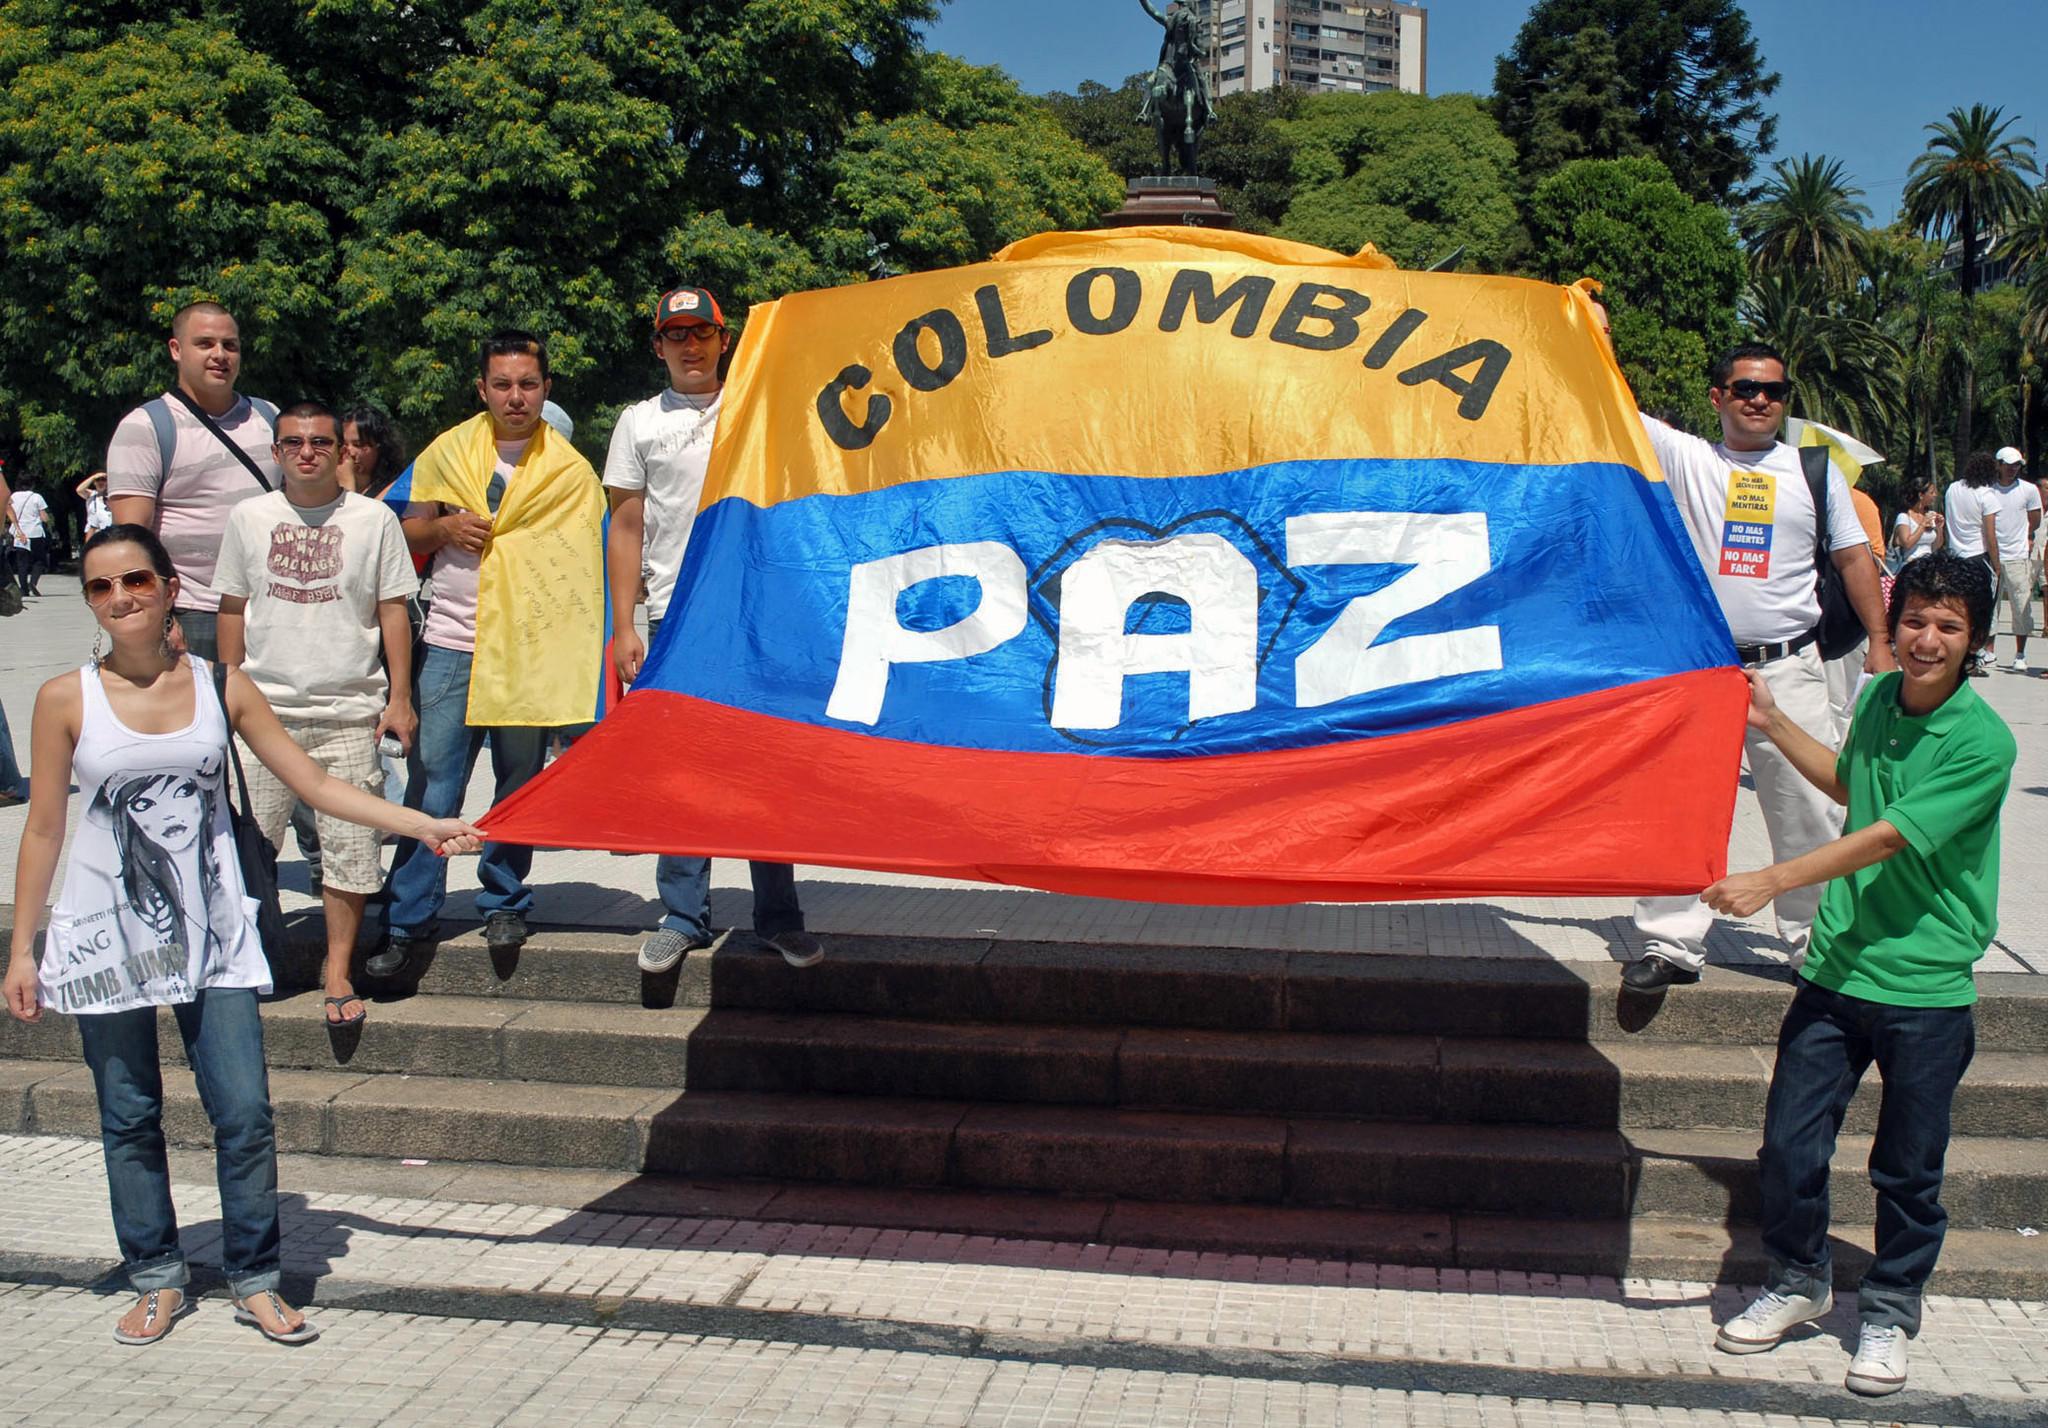 Nueva ley de pensiones en colombia 2010